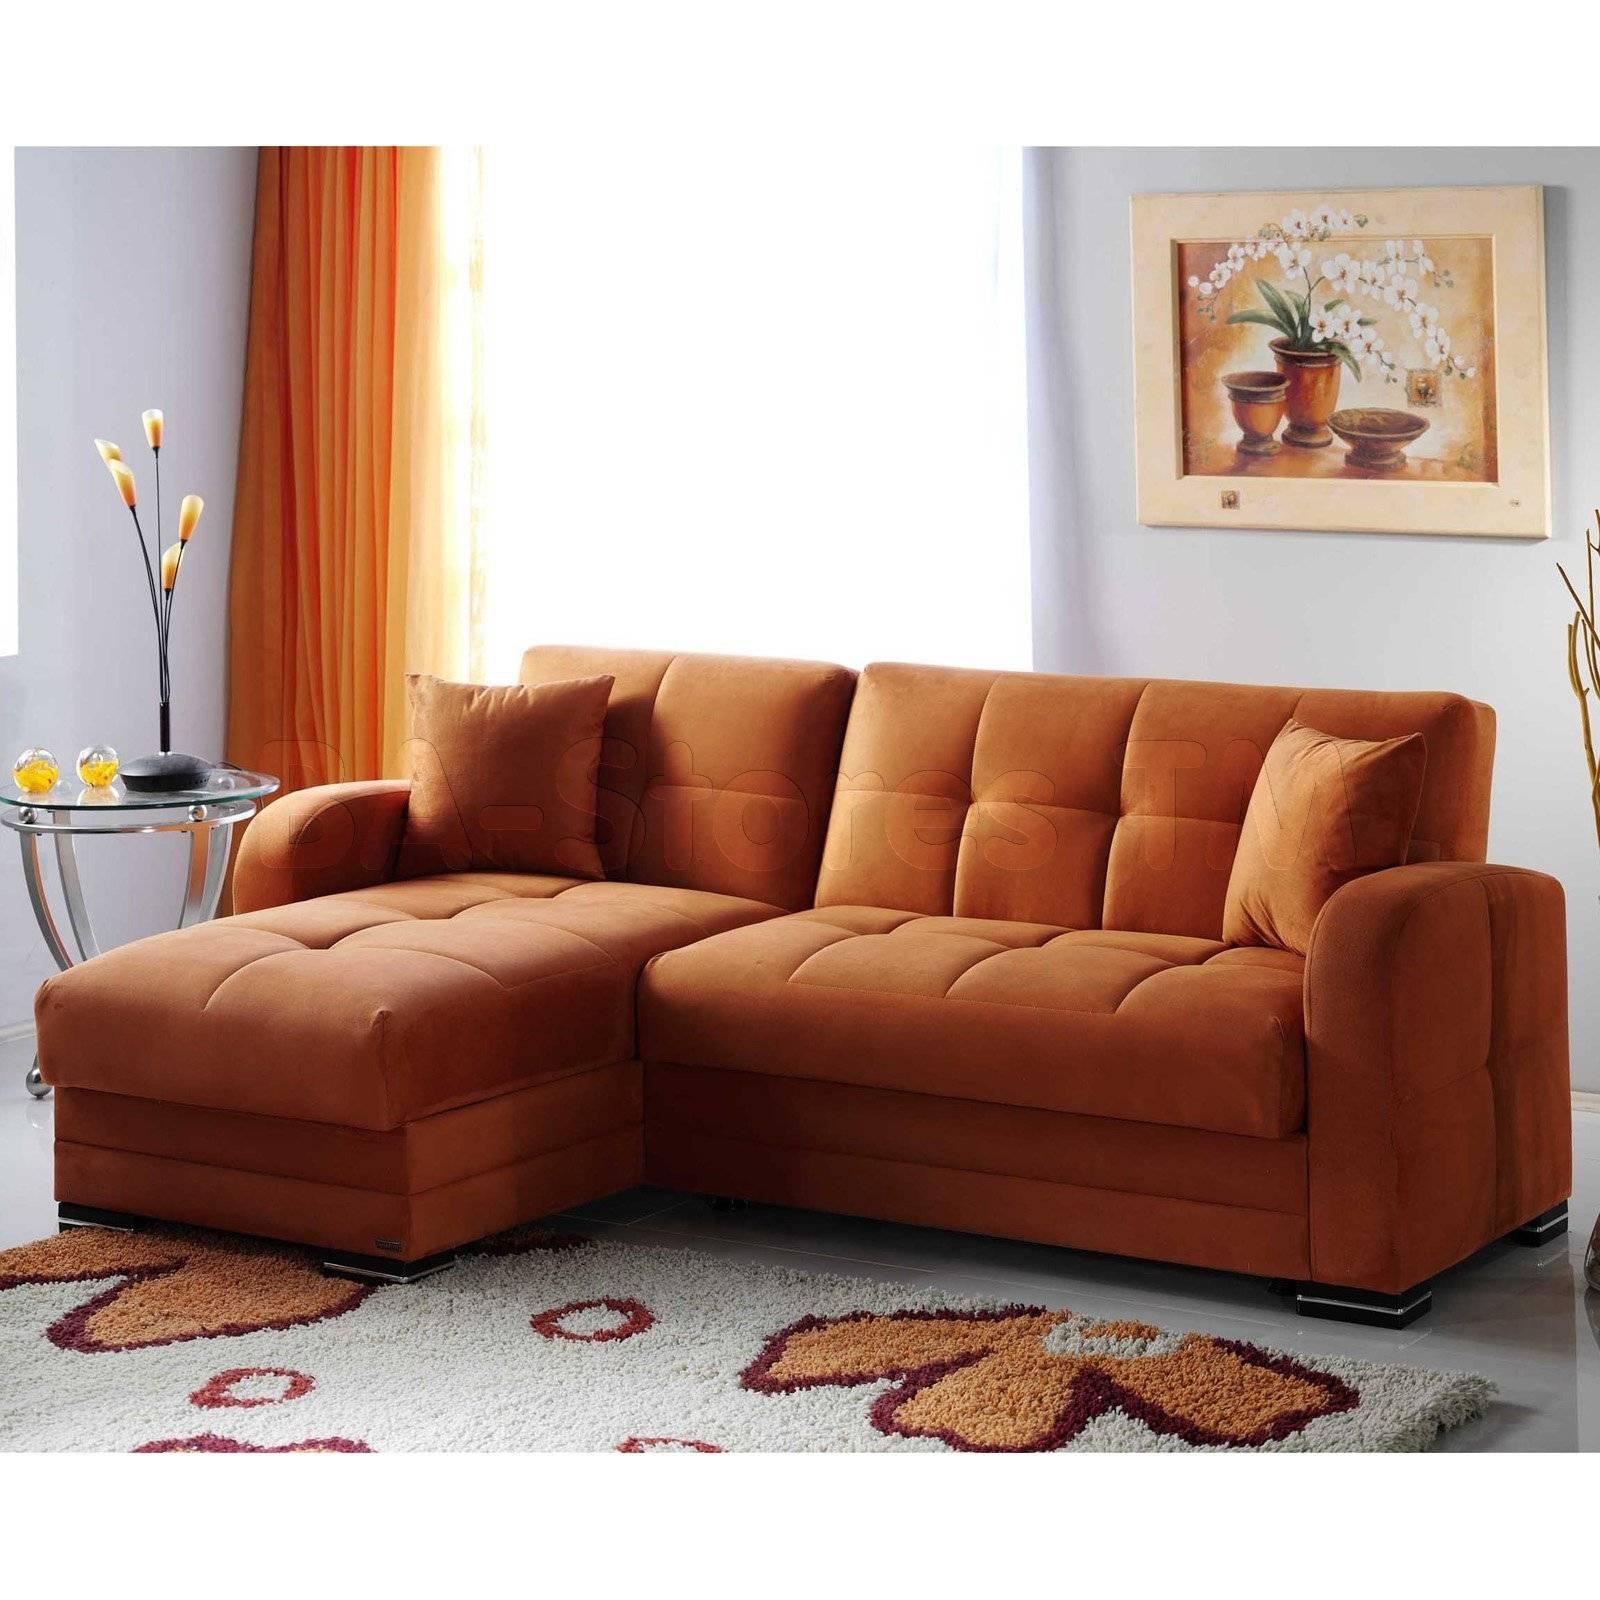 Kubo Sectional Sofa | Rainbow Orange | Sectional Sofas Is-Kubo-Ro with regard to Orange Sectional Sofas (Image 10 of 15)